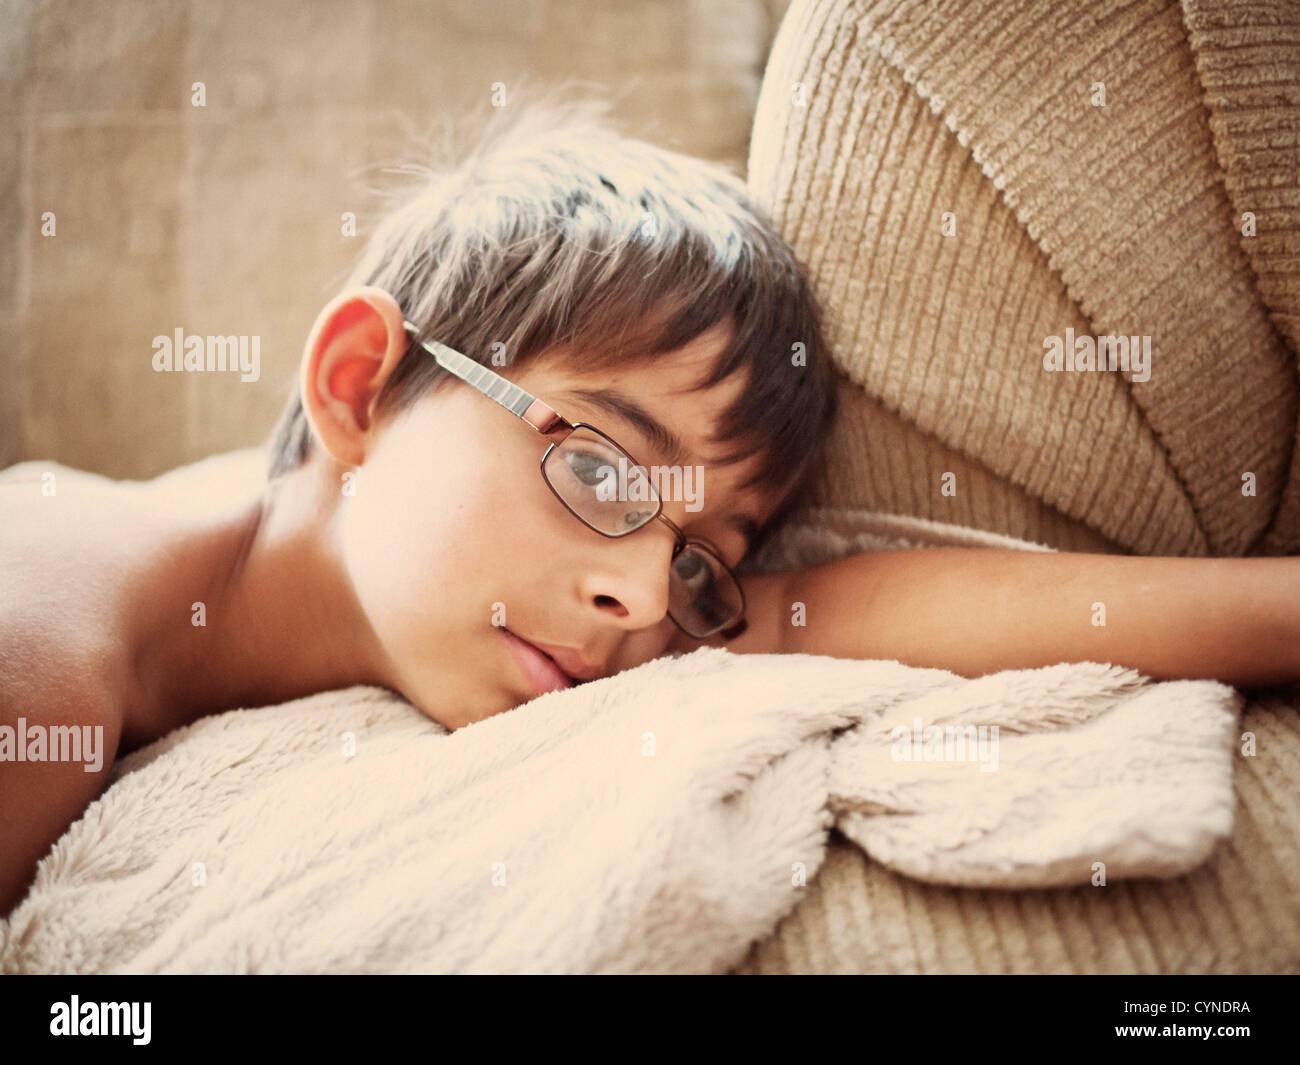 Ragazzo giace sul divano la mattina presto. Immagini Stock